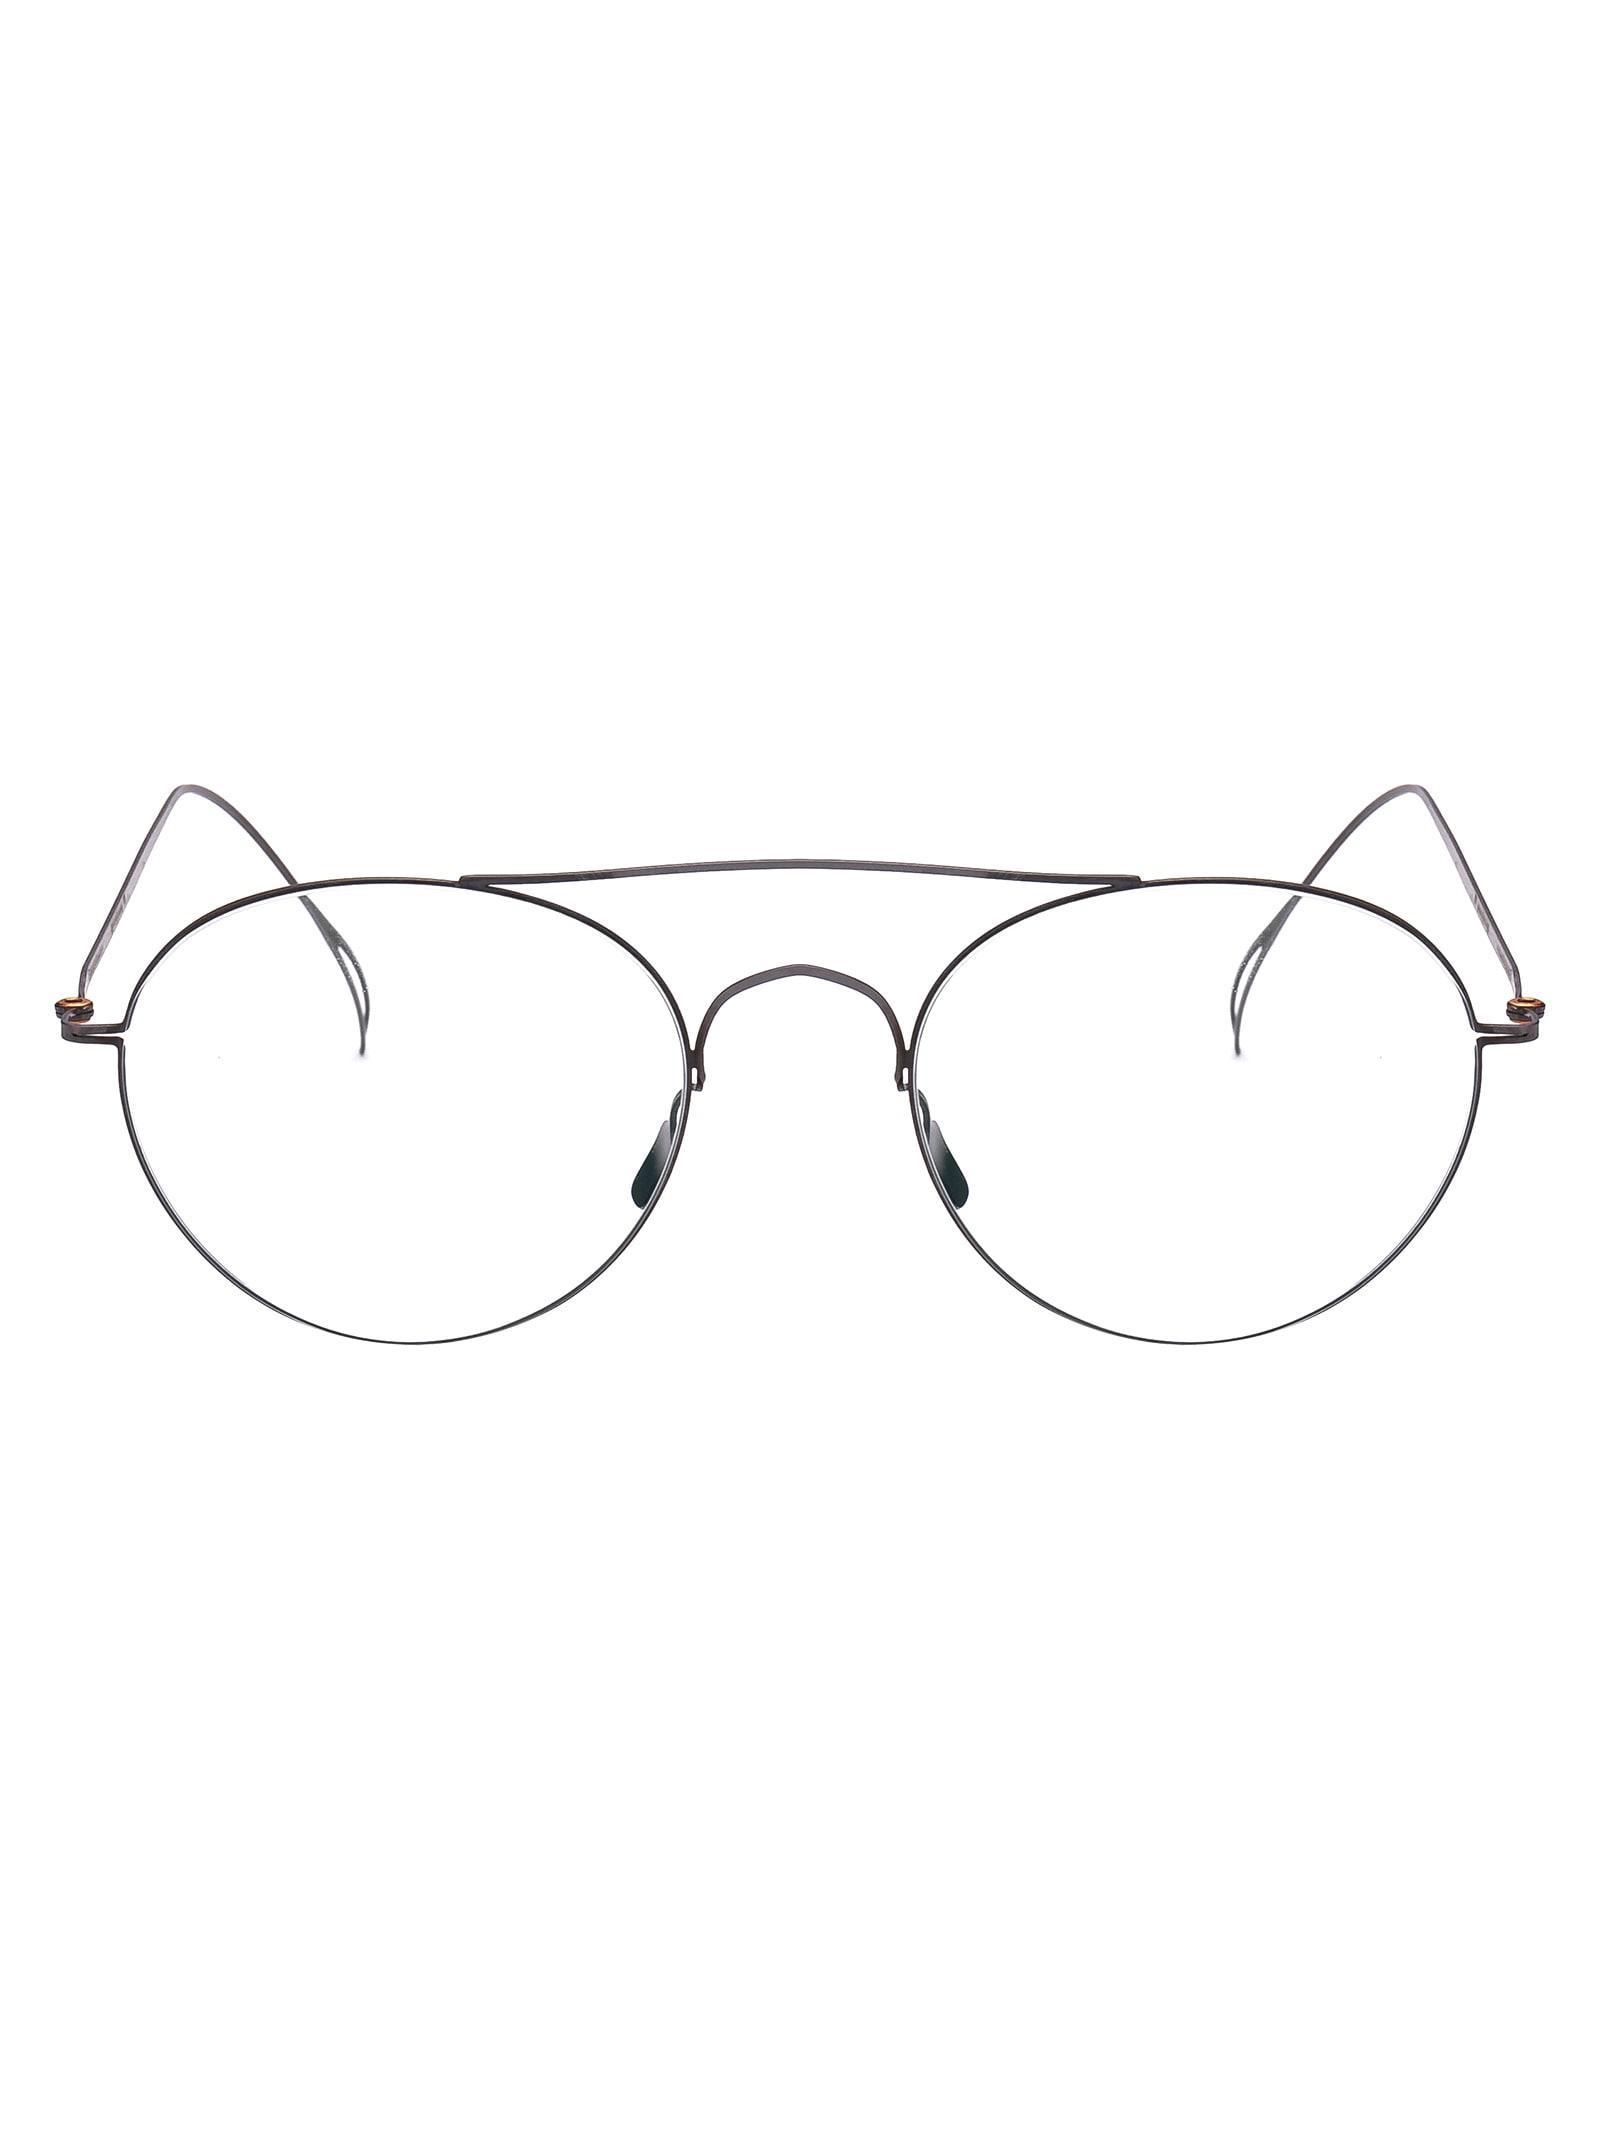 Fawcett Glasses